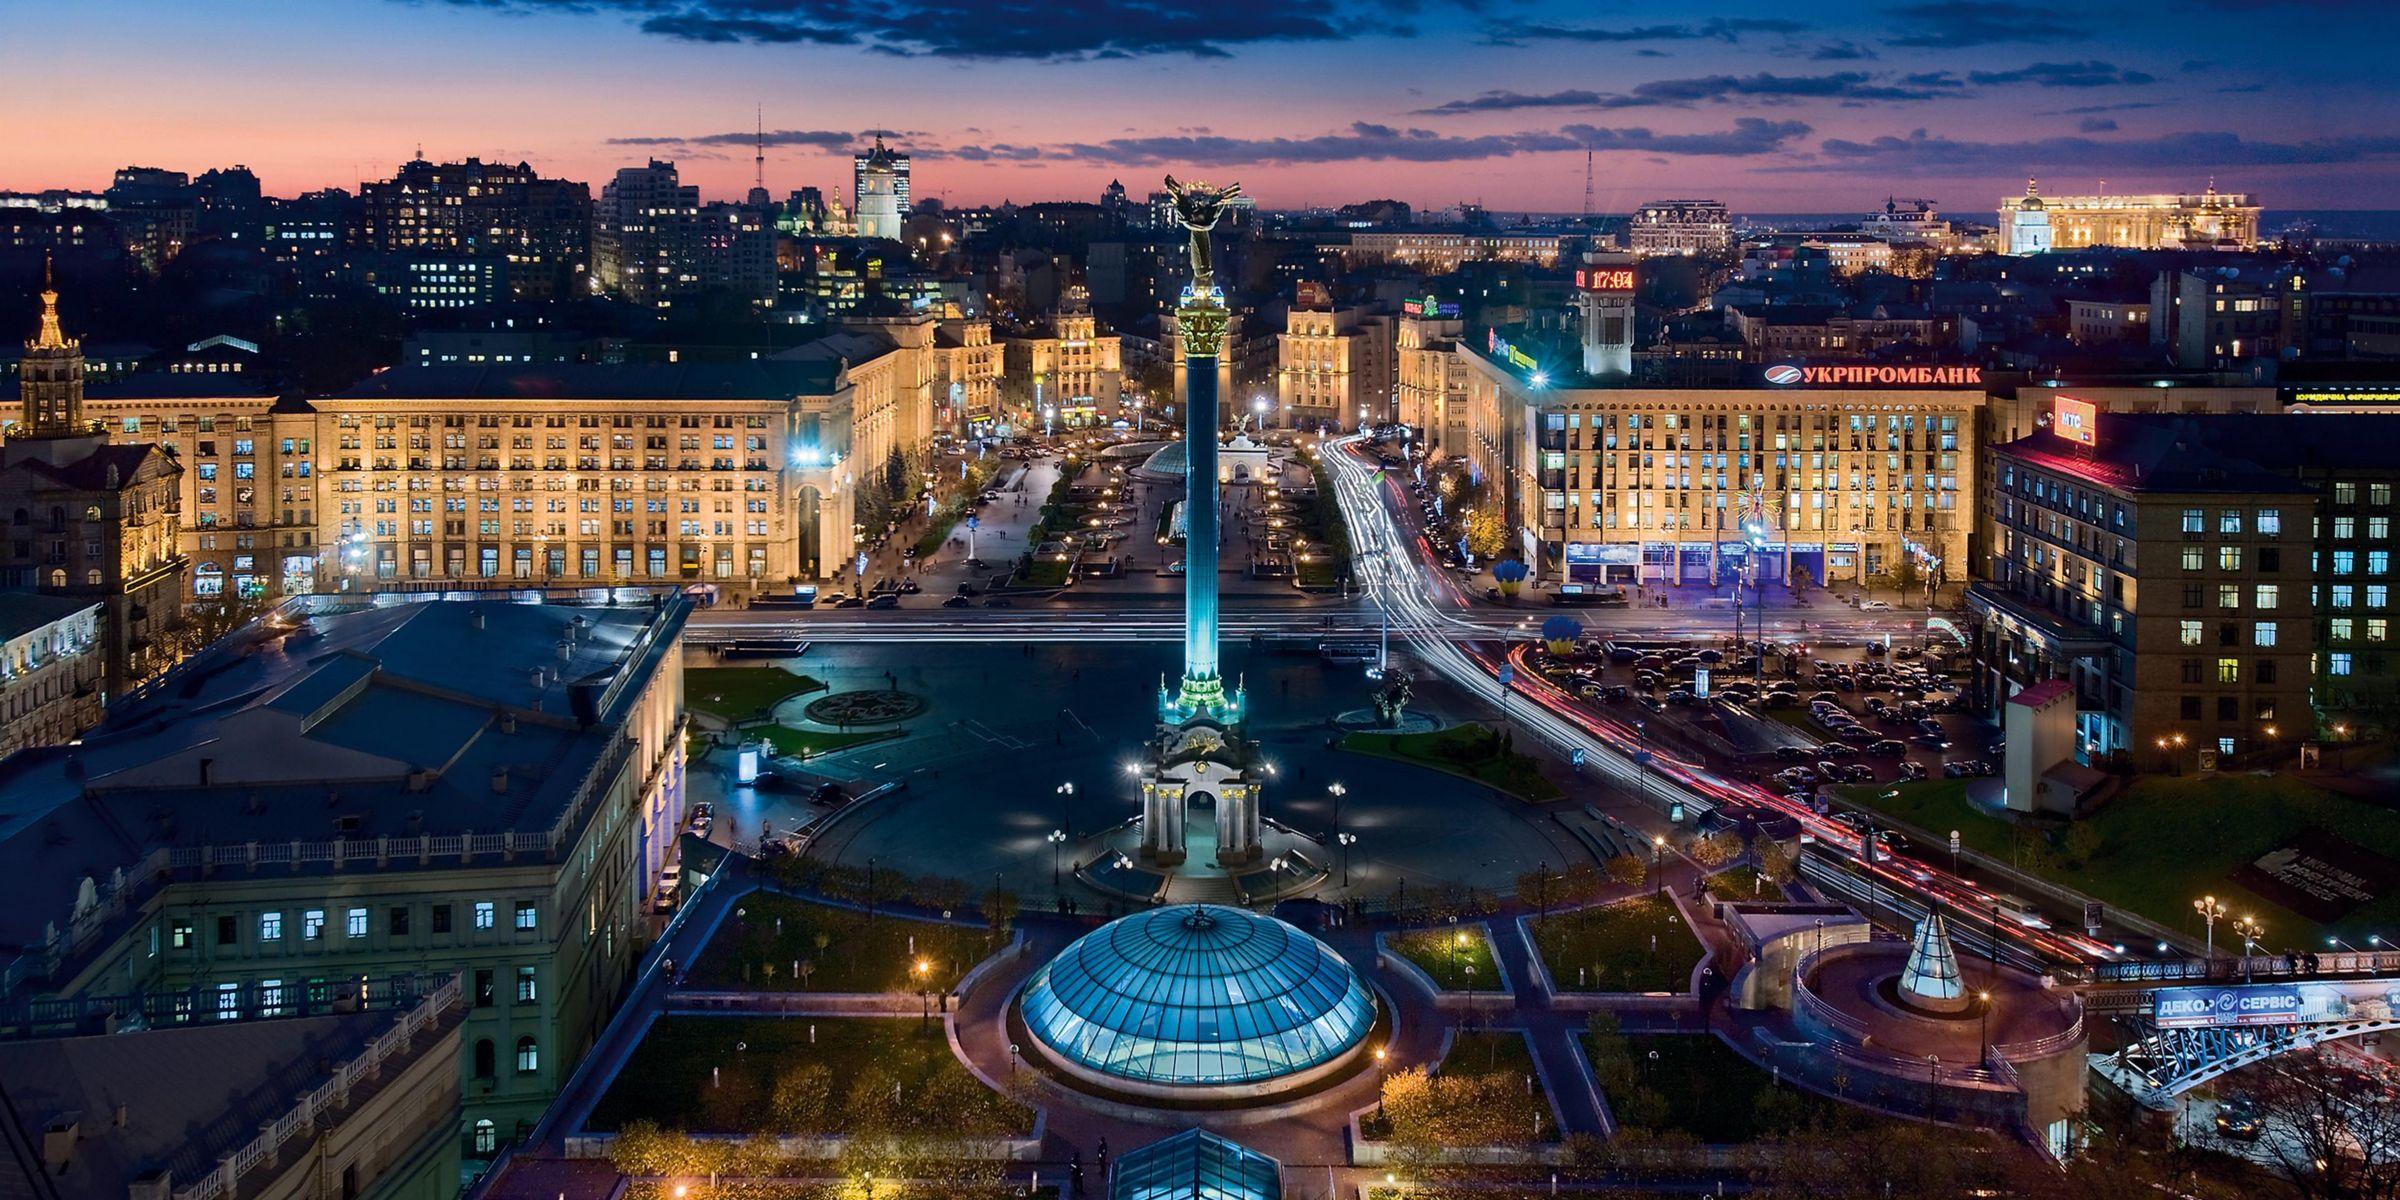 город киев фото вариант